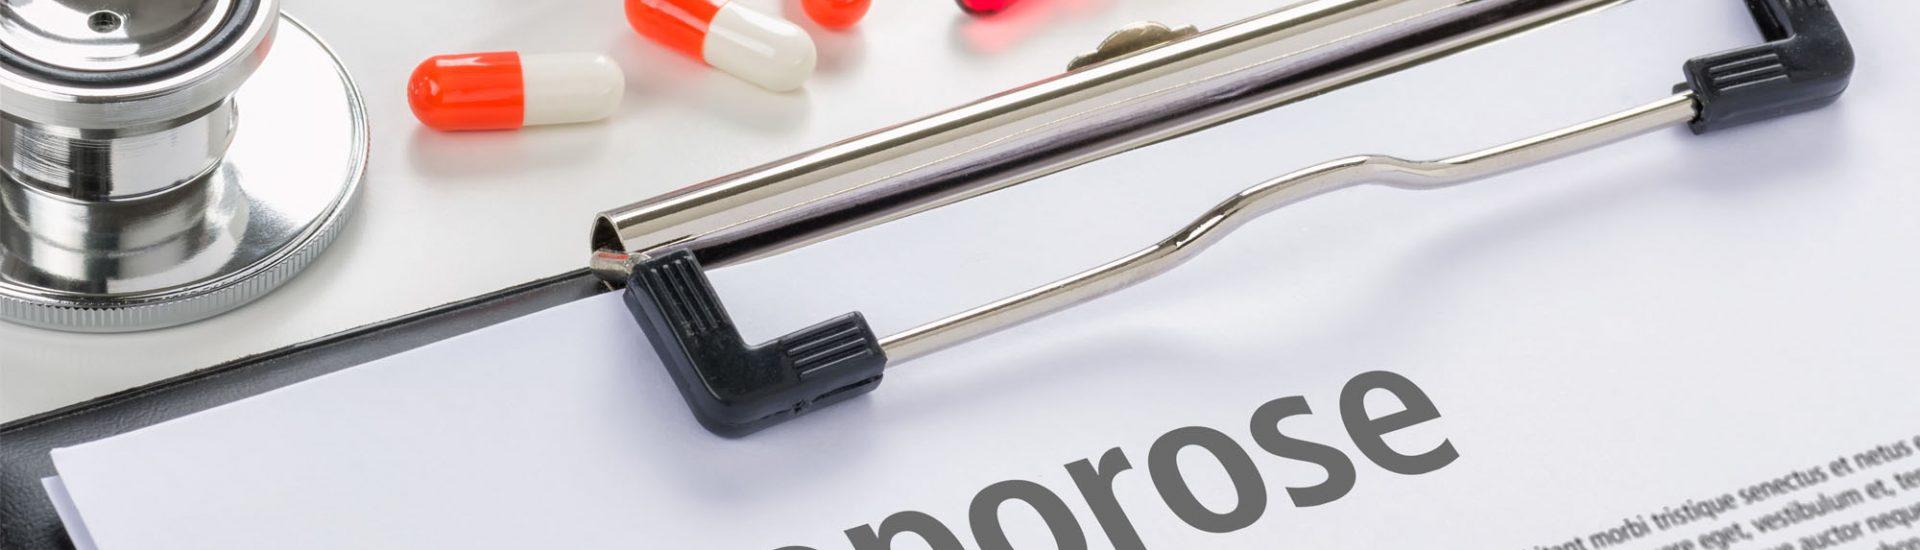 Knochenschwund: Symptome, Ursachen, Diagnose & Behandlung